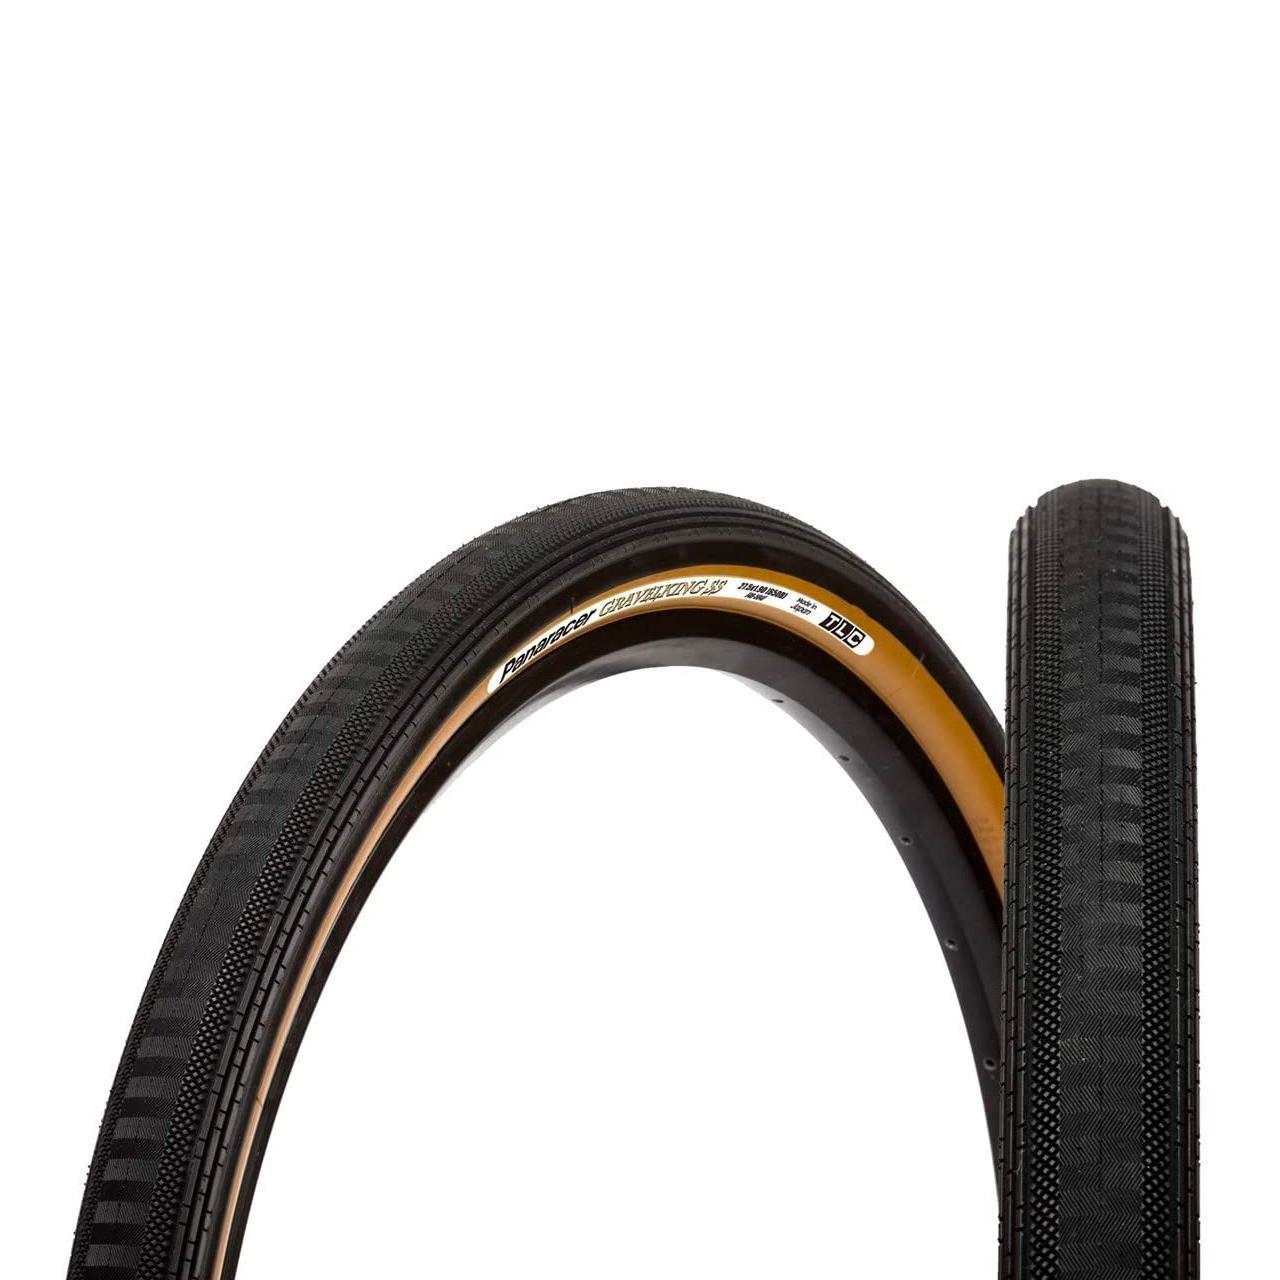 Panaracer Graveking Semi Slick TLC Folding Tyre (700x32c)